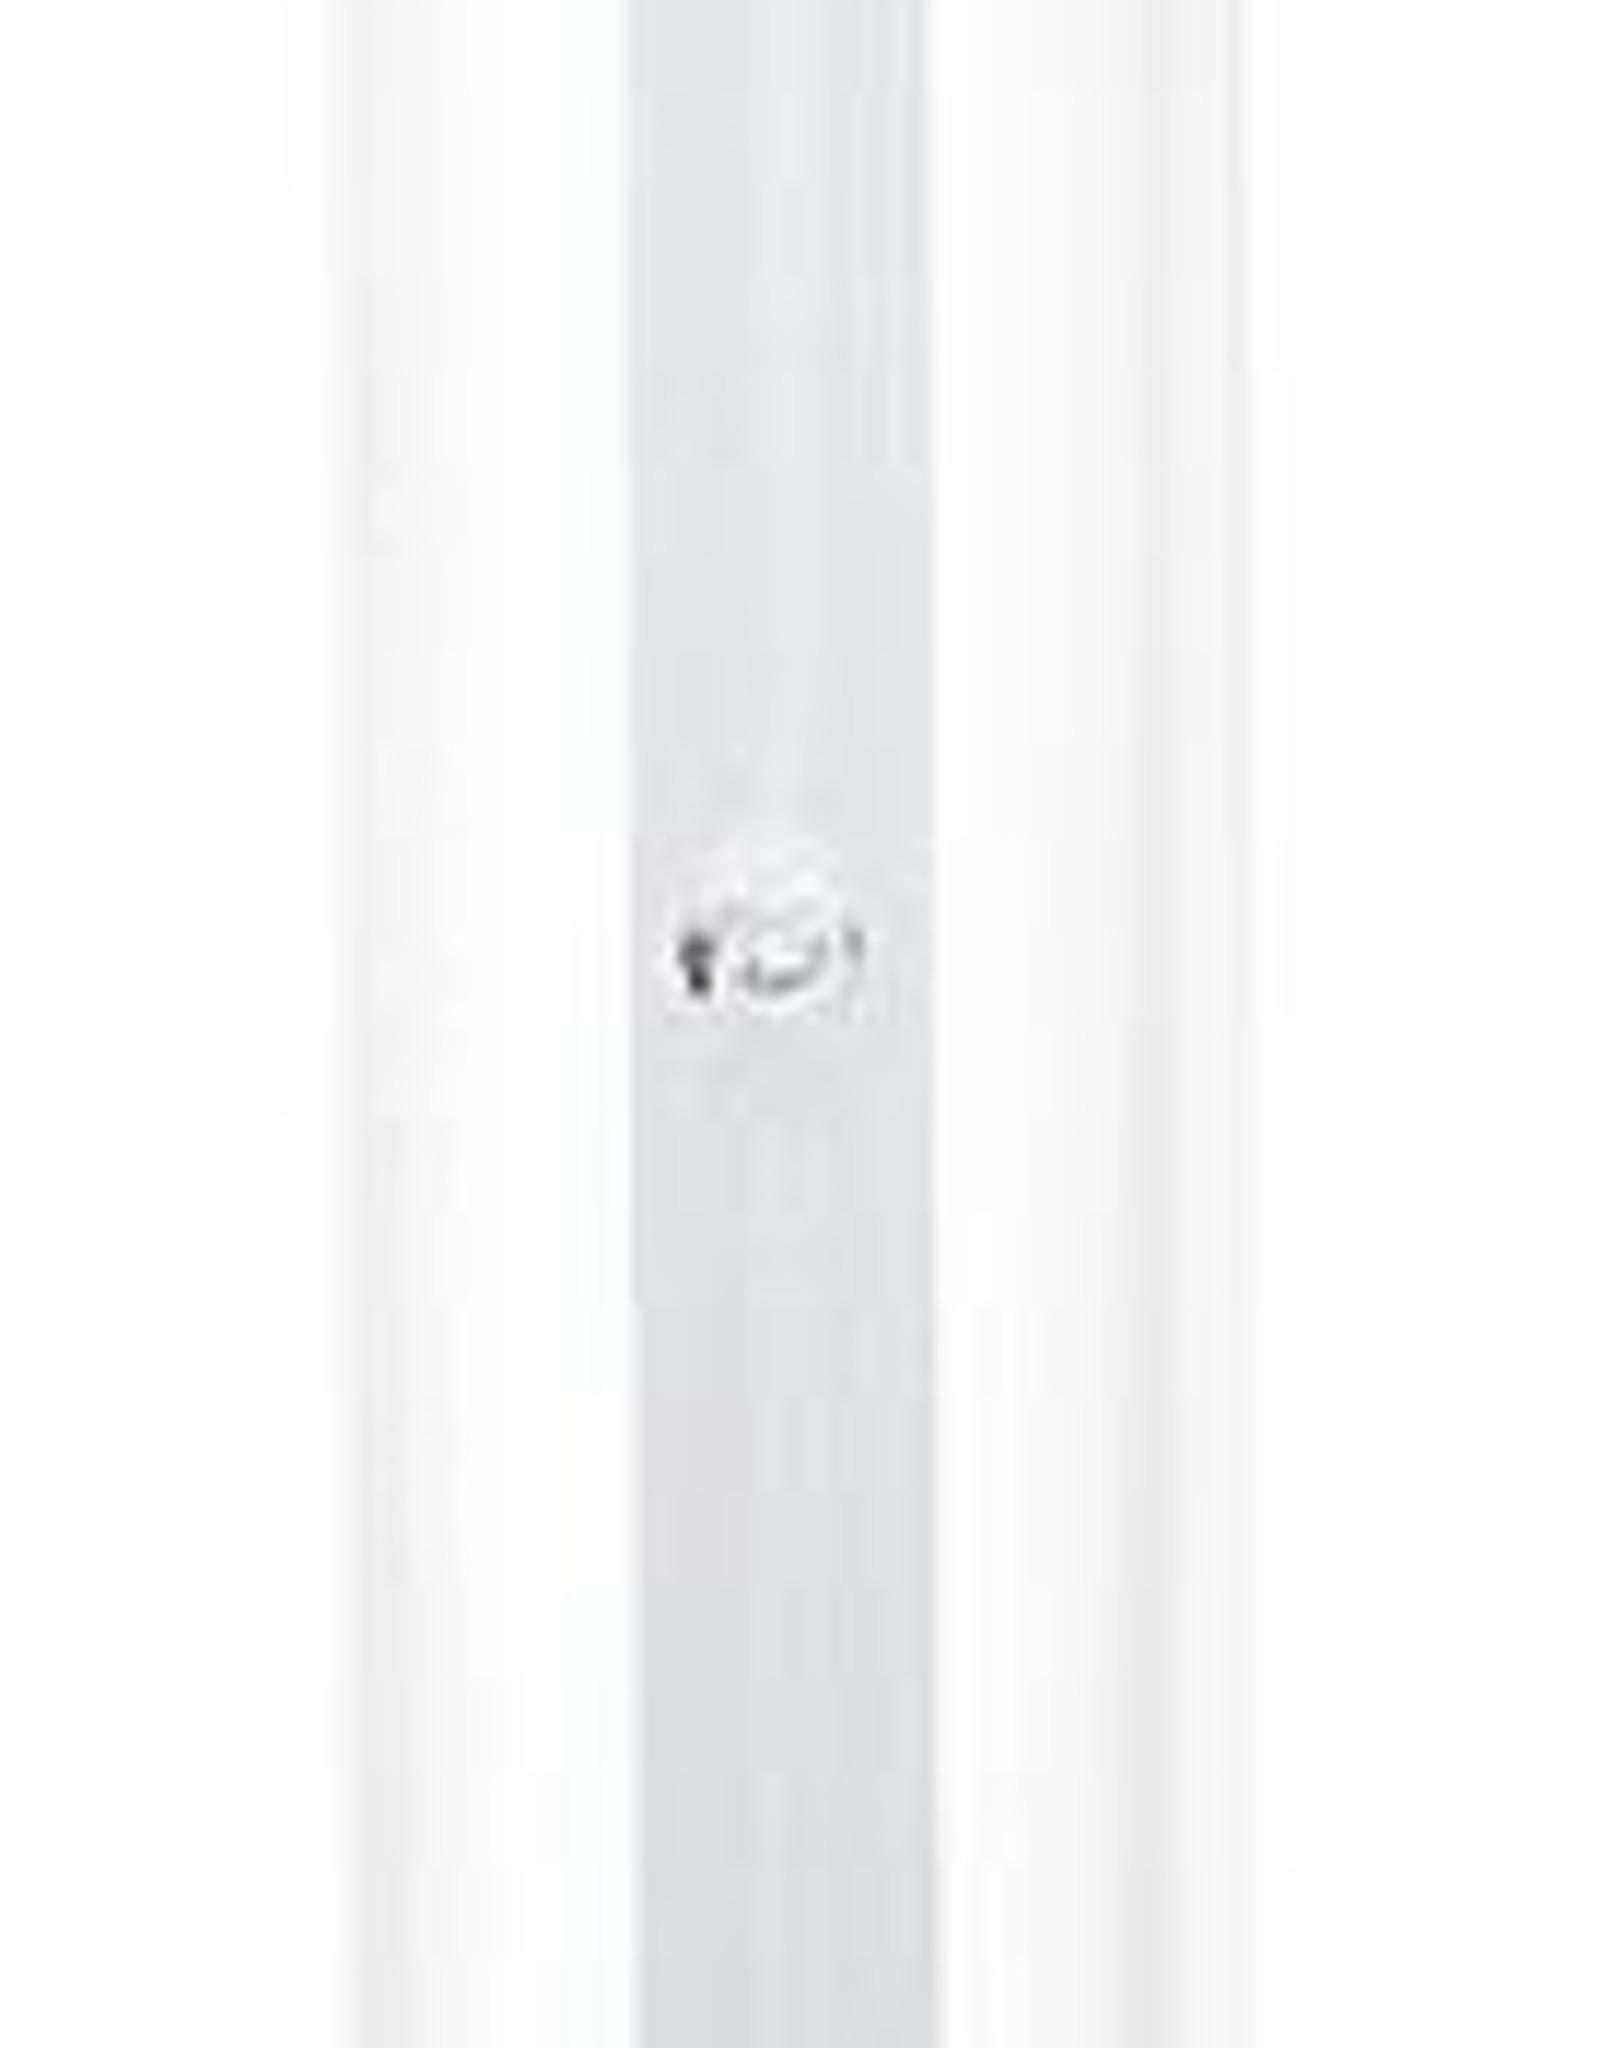 Par Pro Par Pro 1000 Watt DE - HO HPS Lamp